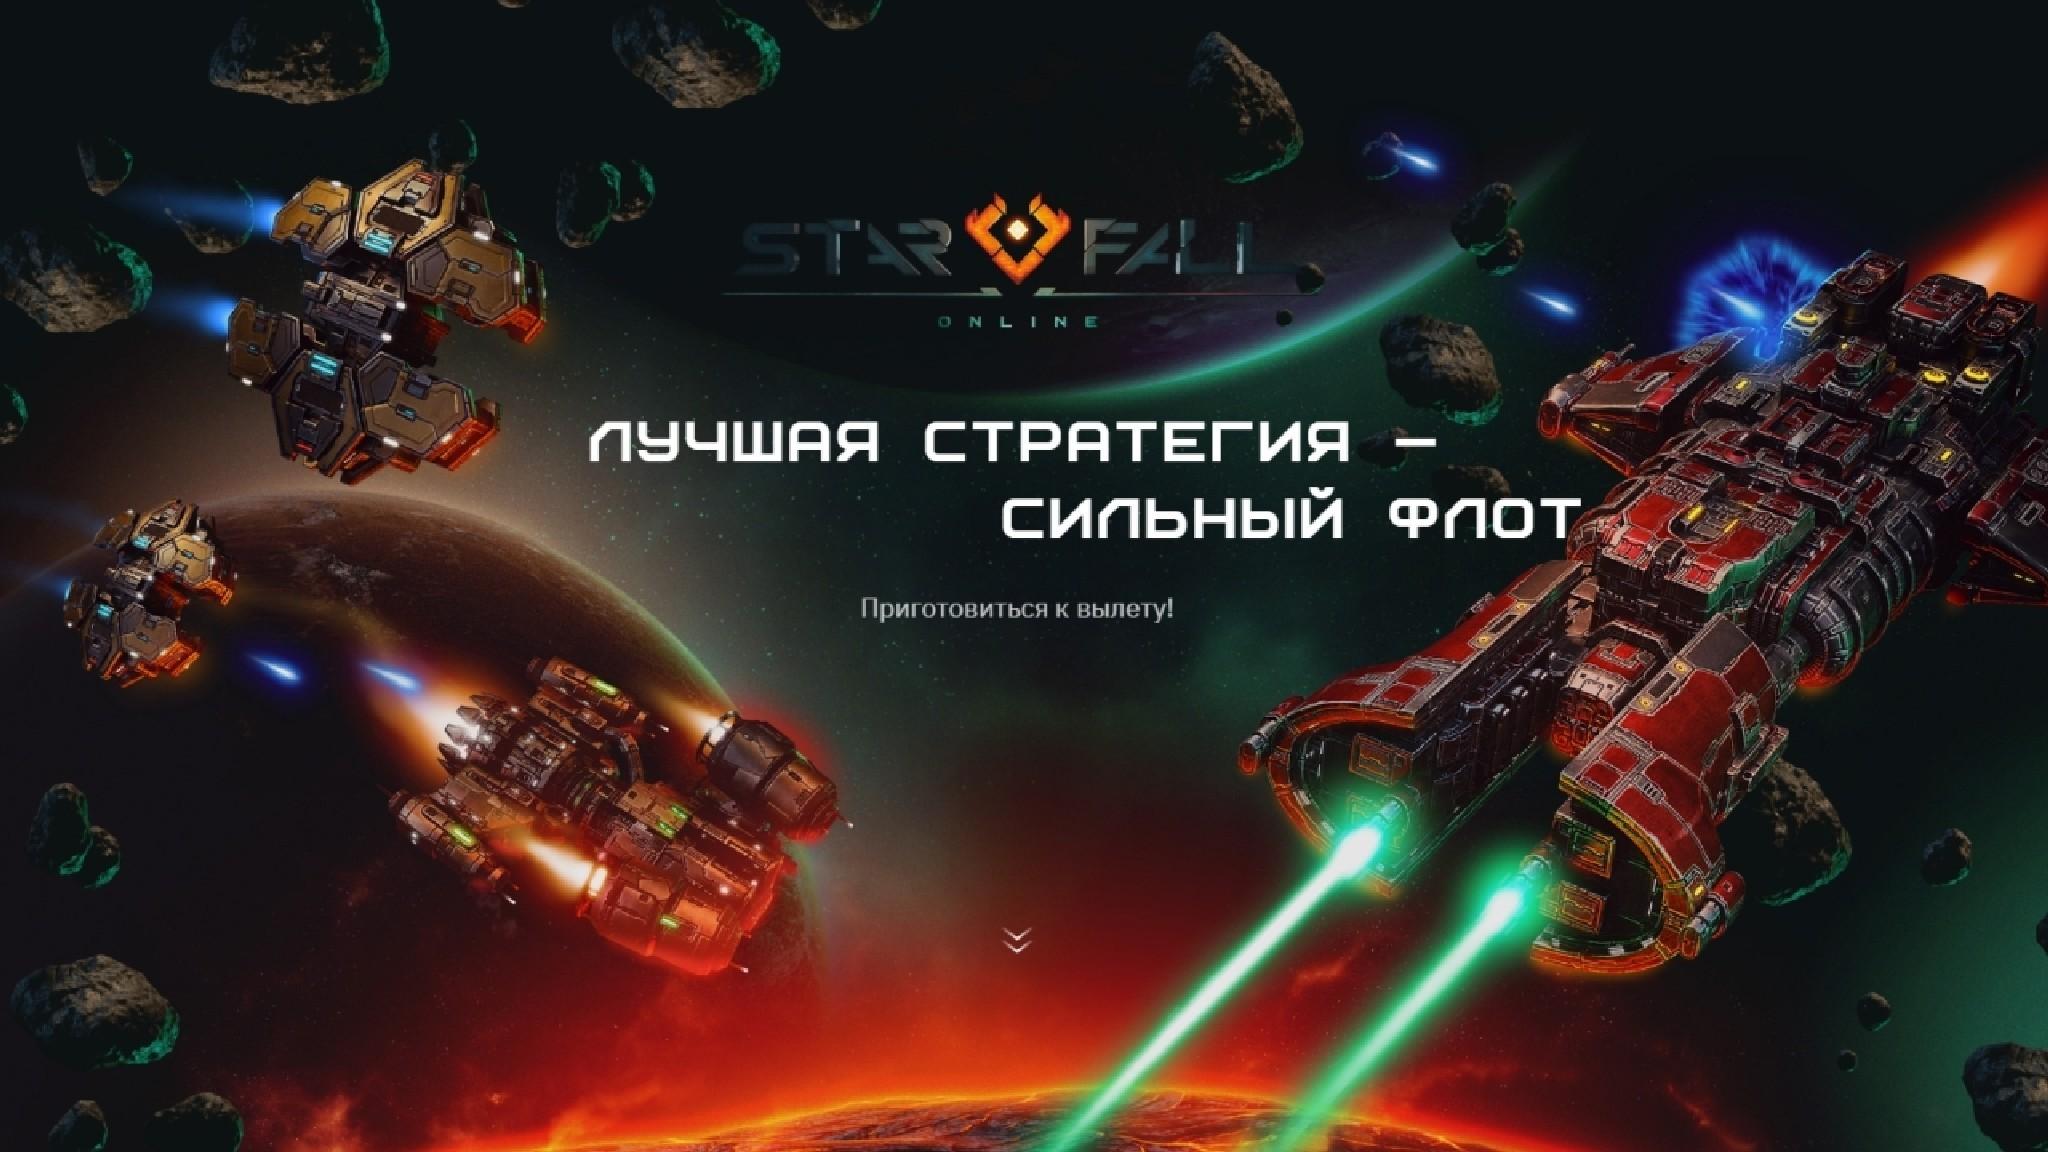 Бесплатные Онлайн Игры | Gamer-All.ru